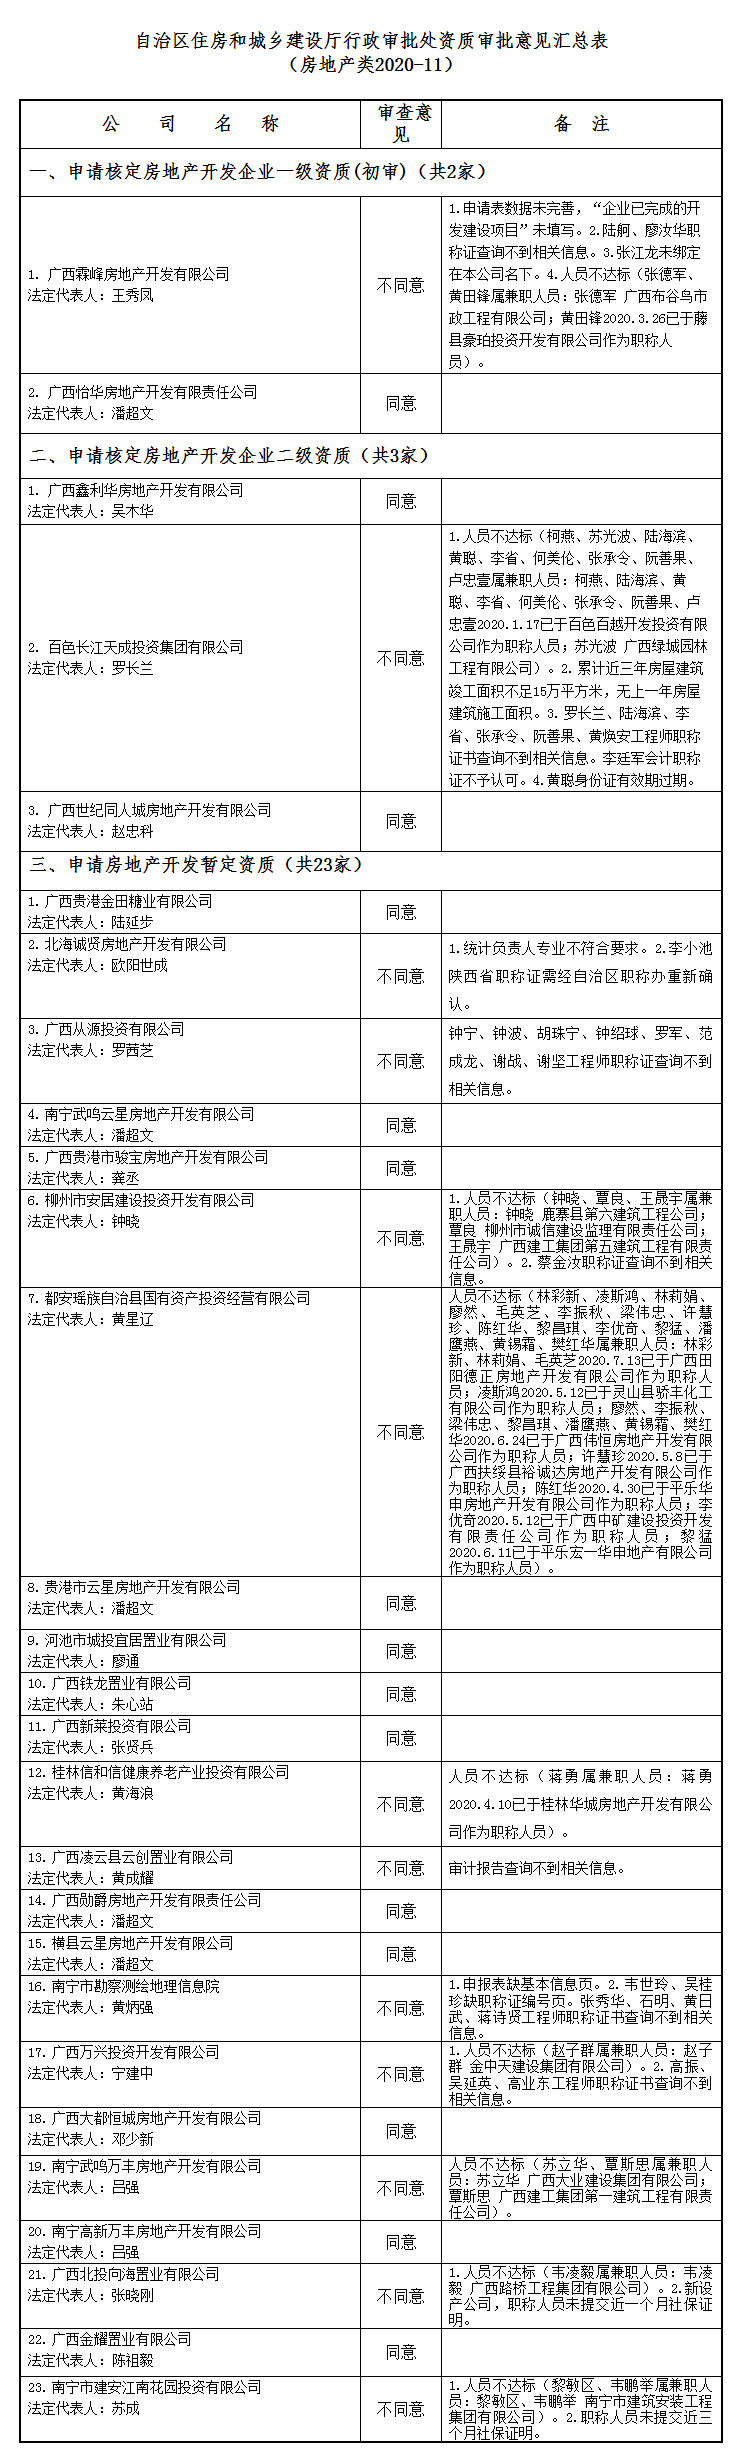 广西建设网--_关于公布2020年第11批房地产企业资质(资格)结果的公告(第1677号).png